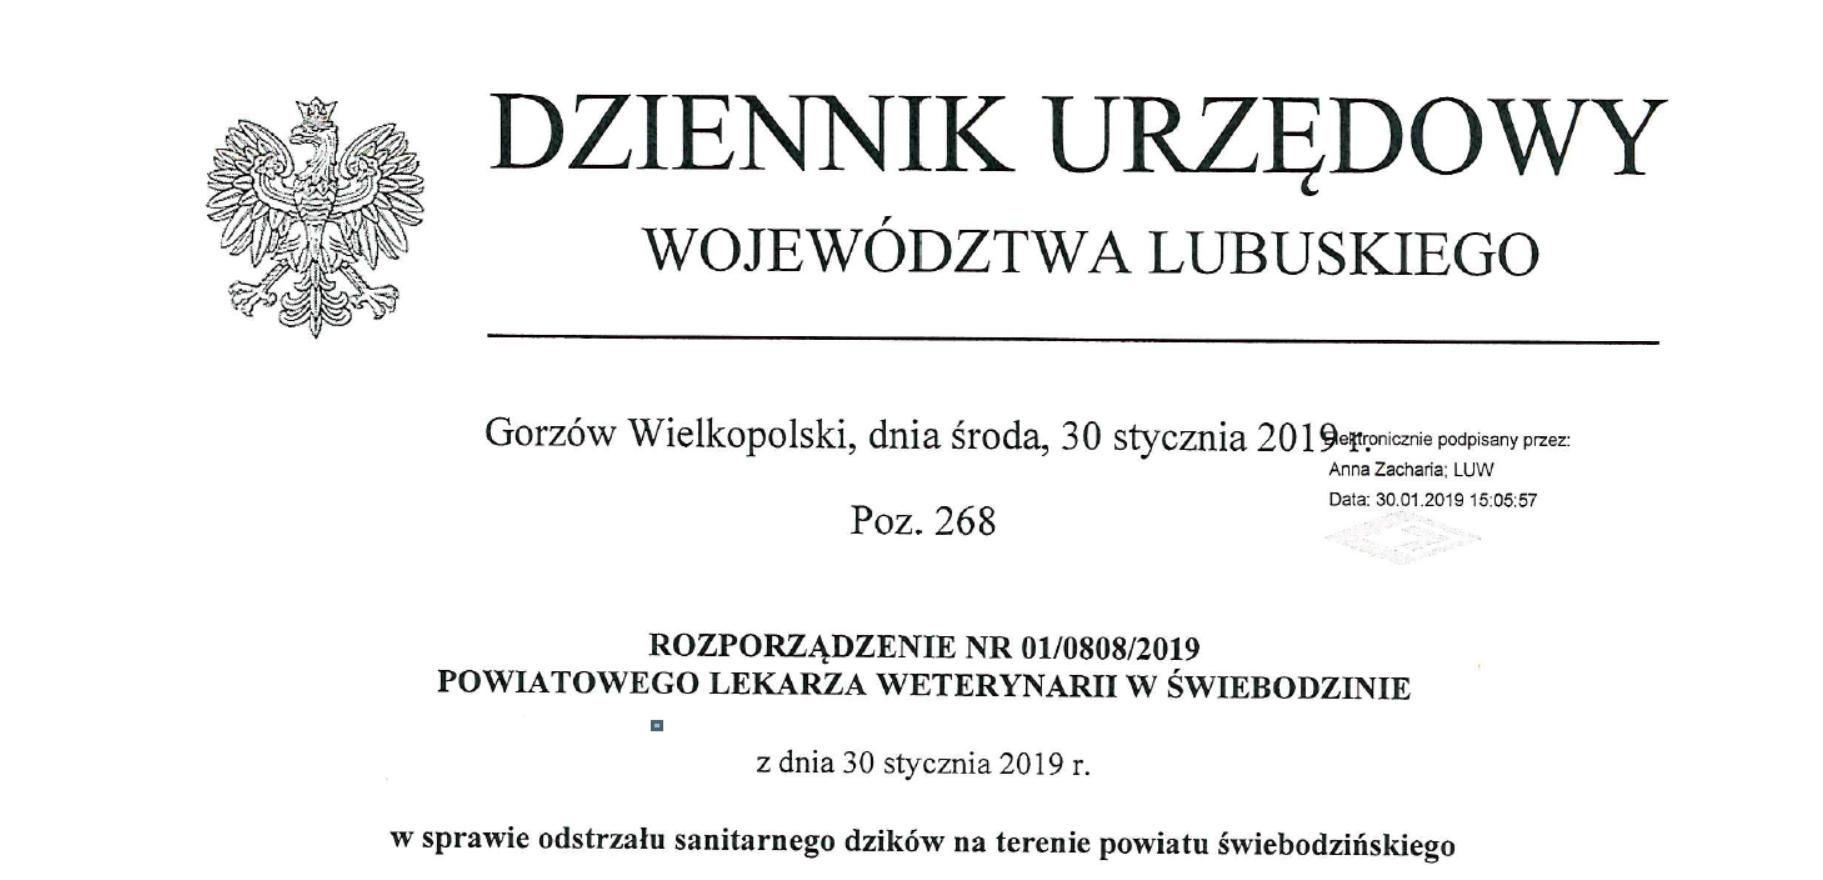 Ilustracja do informacji: Rozporządzenie nr 01/0808/2019 Powiatowego Lekarza Weterynarii w Świebodzinie z dnia 30 stycznia 2019 r. w sprawie odstrzału sanitarnego dzików na terenie powiatu świebodzińskiego.